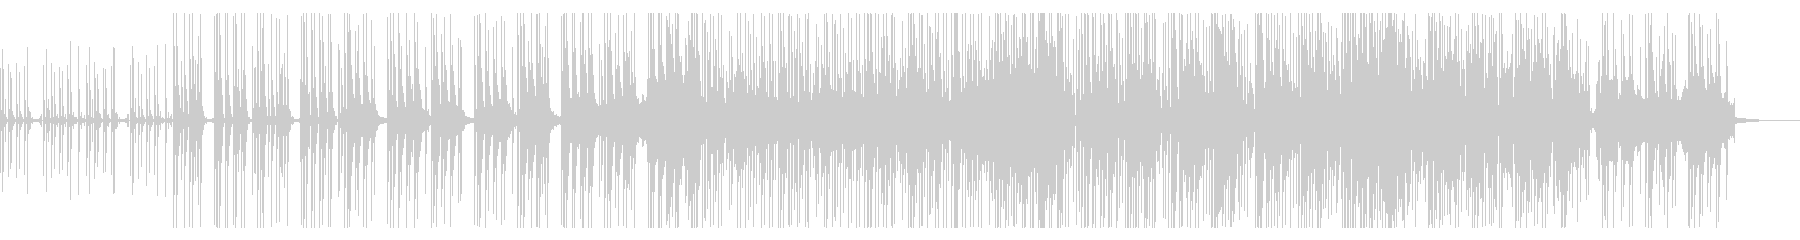 テクノ・エレクトロ・BPM120の未再生の波形